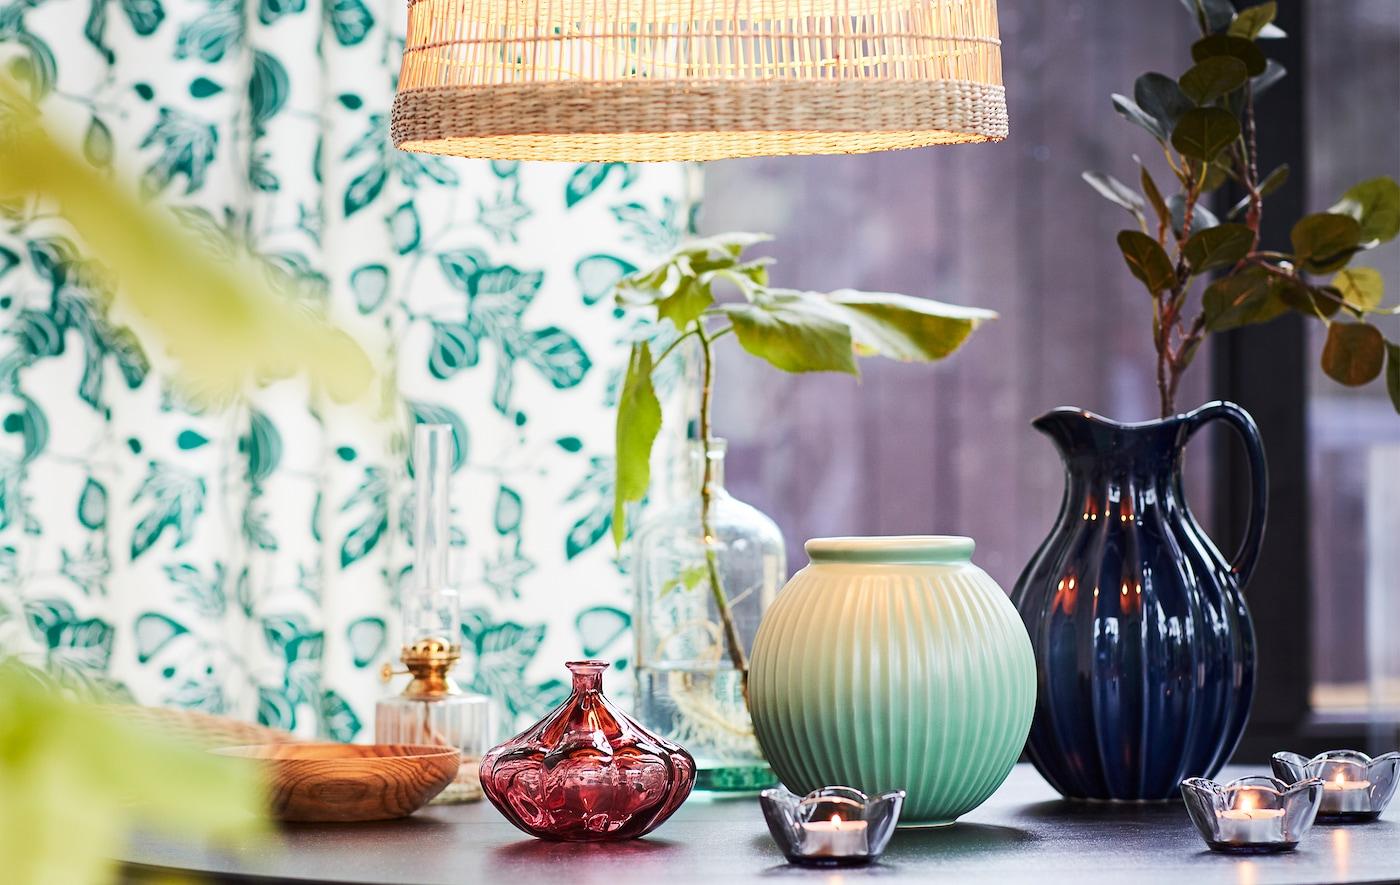 Masă decorată cu vaze și lumânări mici, cu frunze verzi și alte semne al primăverii.